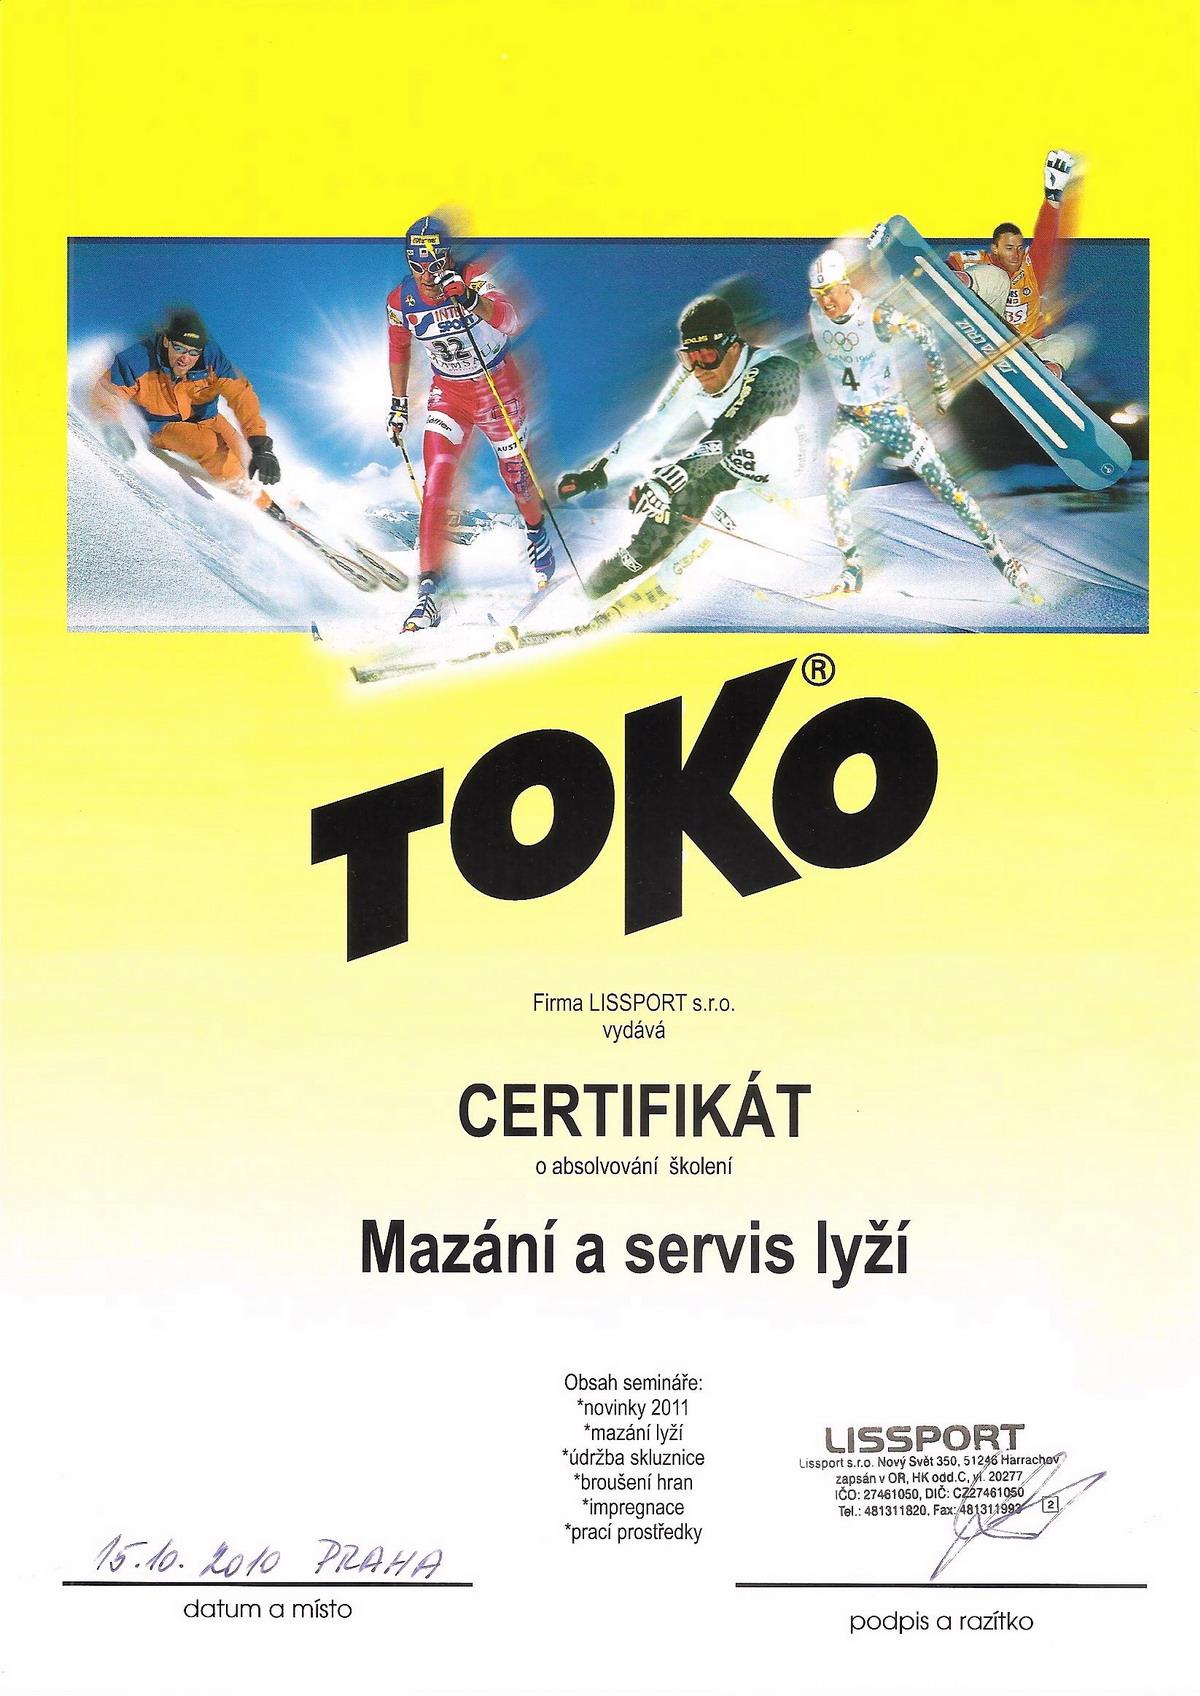 Toko certifikát